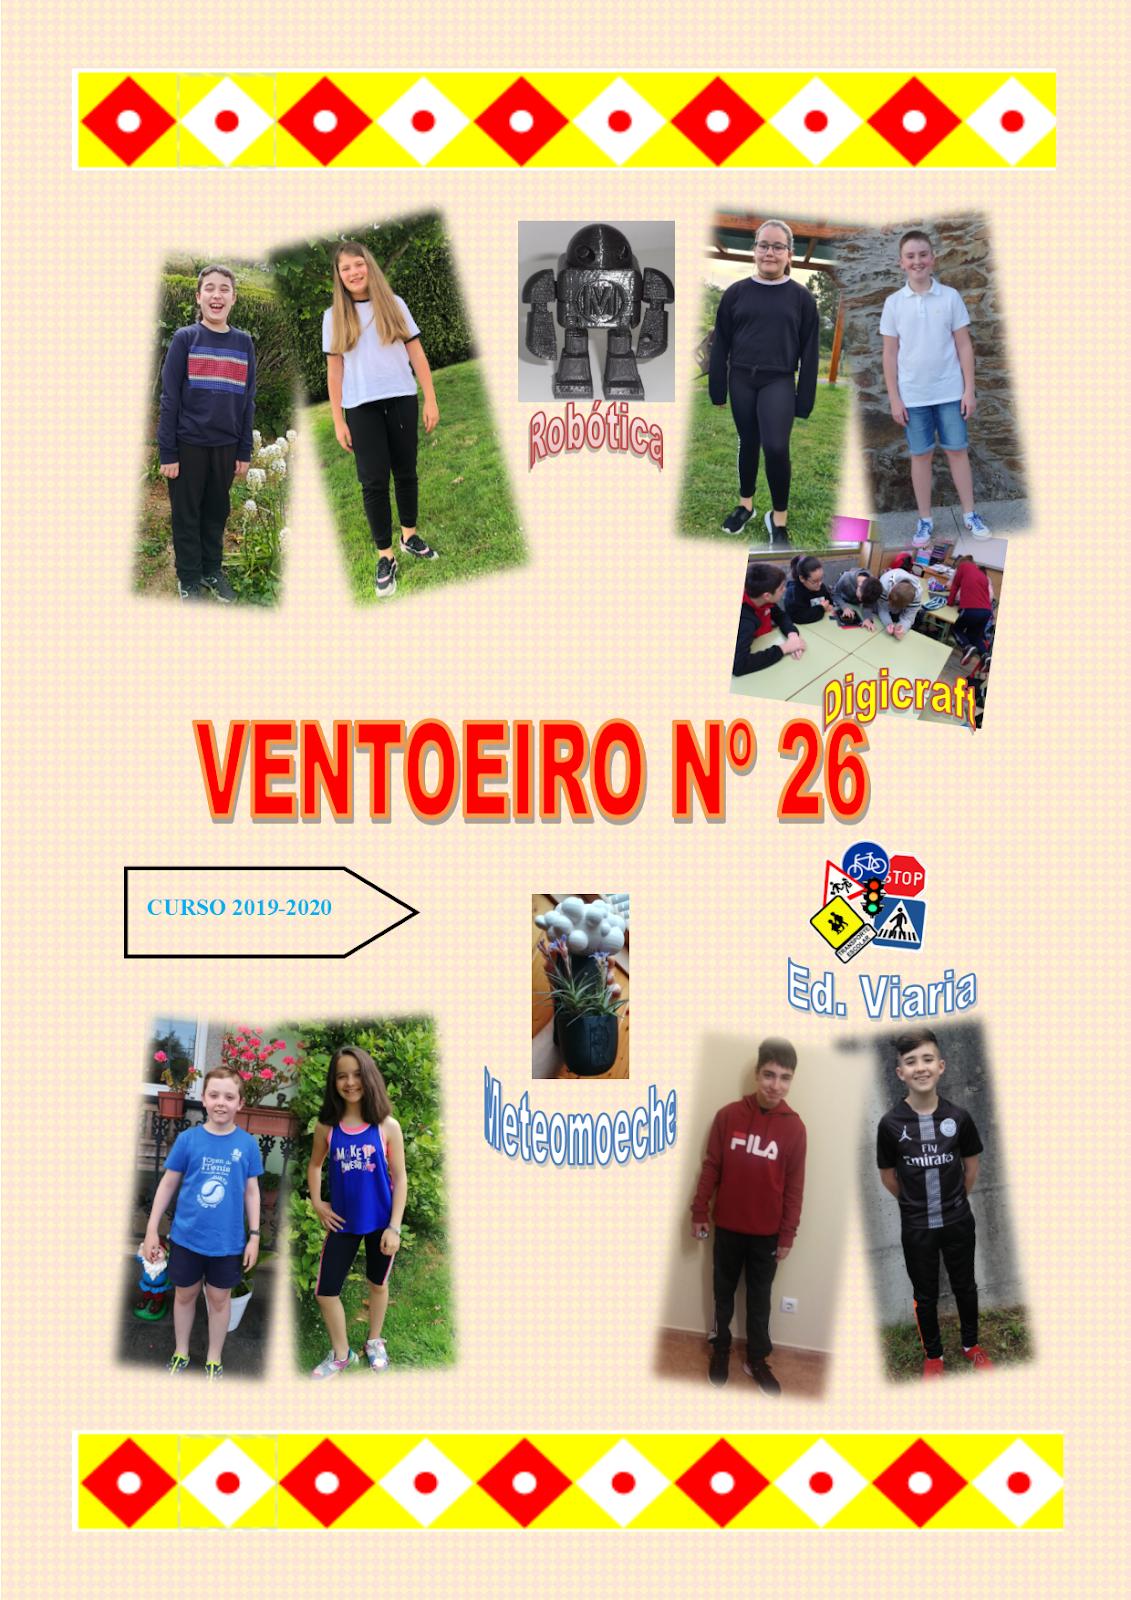 VENTOEIRO Nº 26